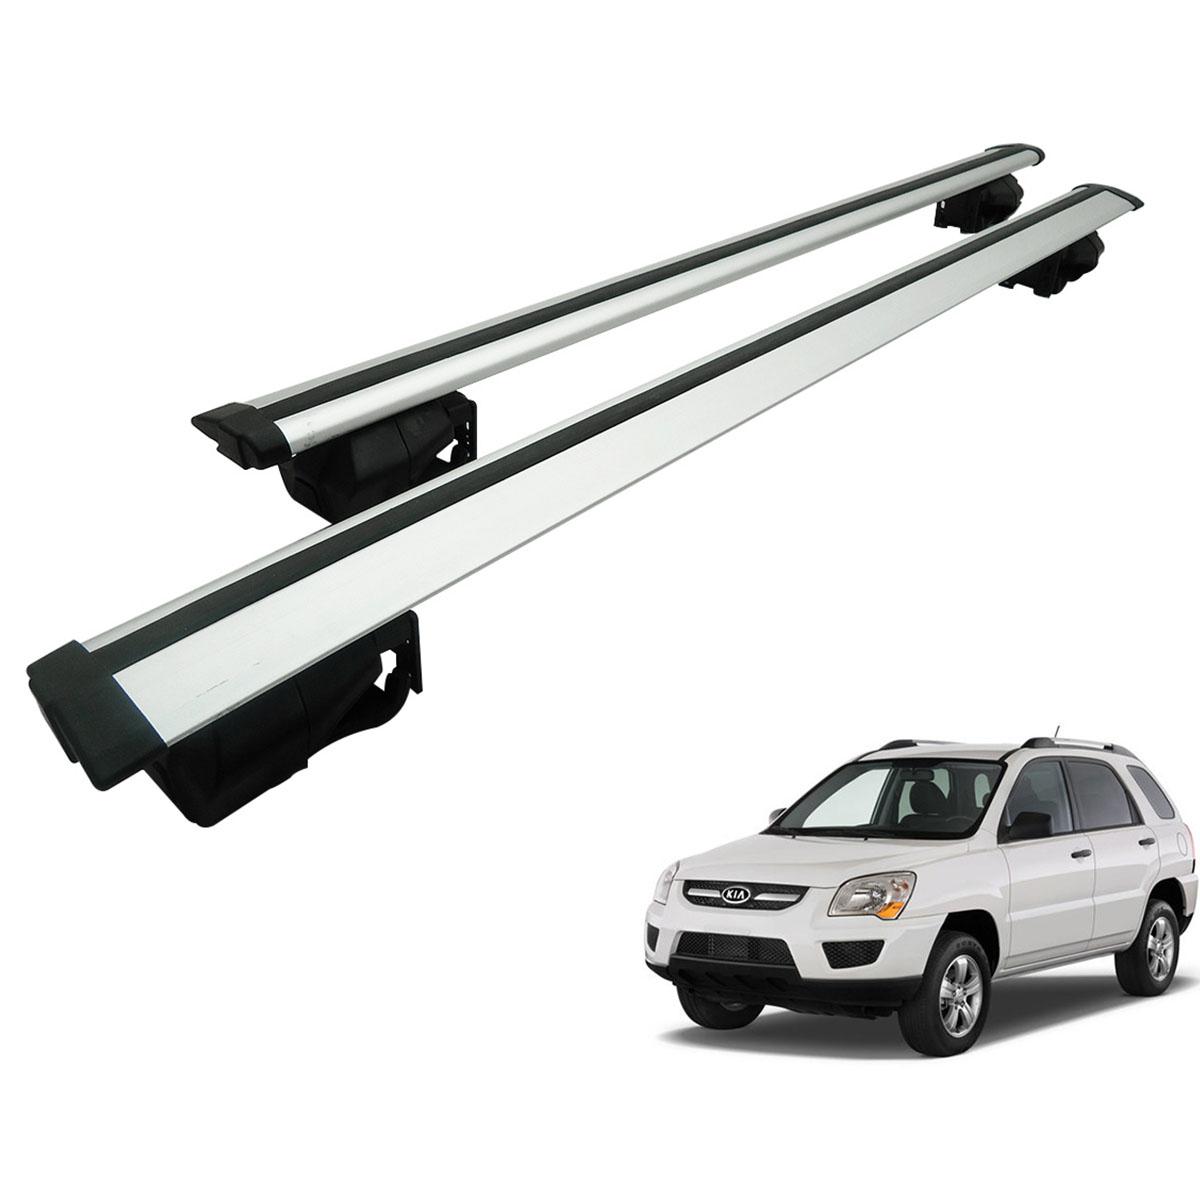 Travessa rack de teto Procargo Sportage 2007 a 2010 com trava de segurança